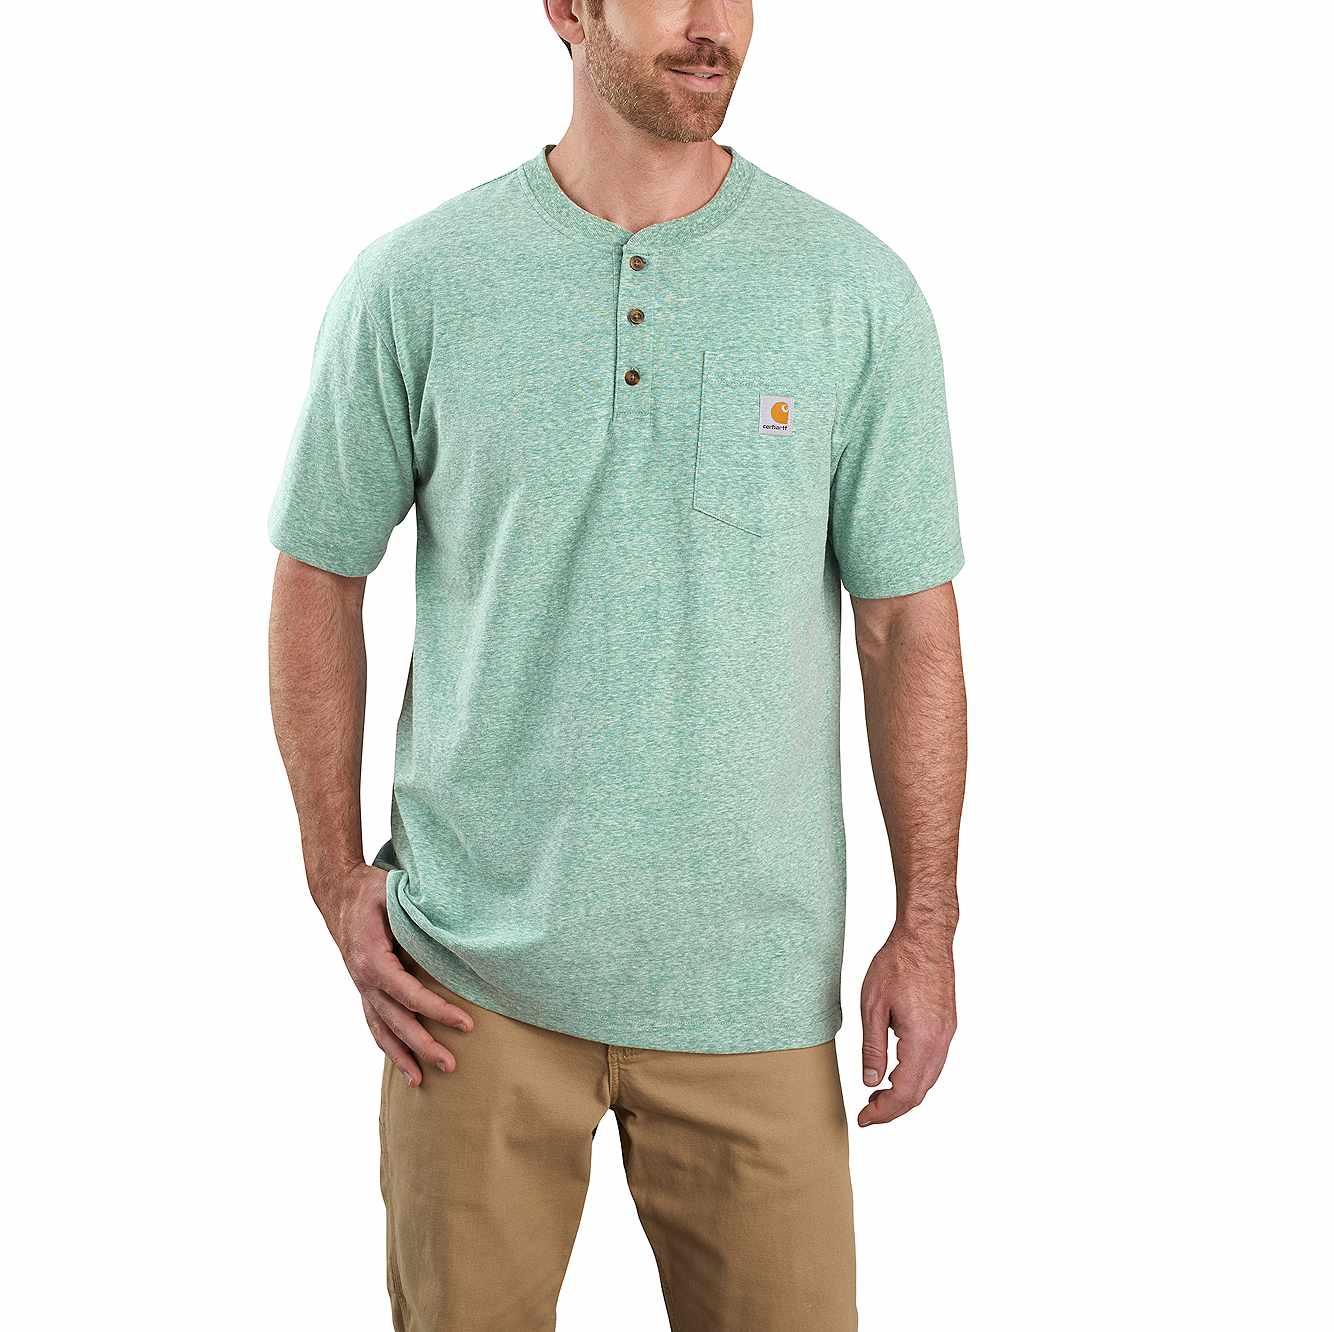 Workwear Short Sleeve Henley T Shirt